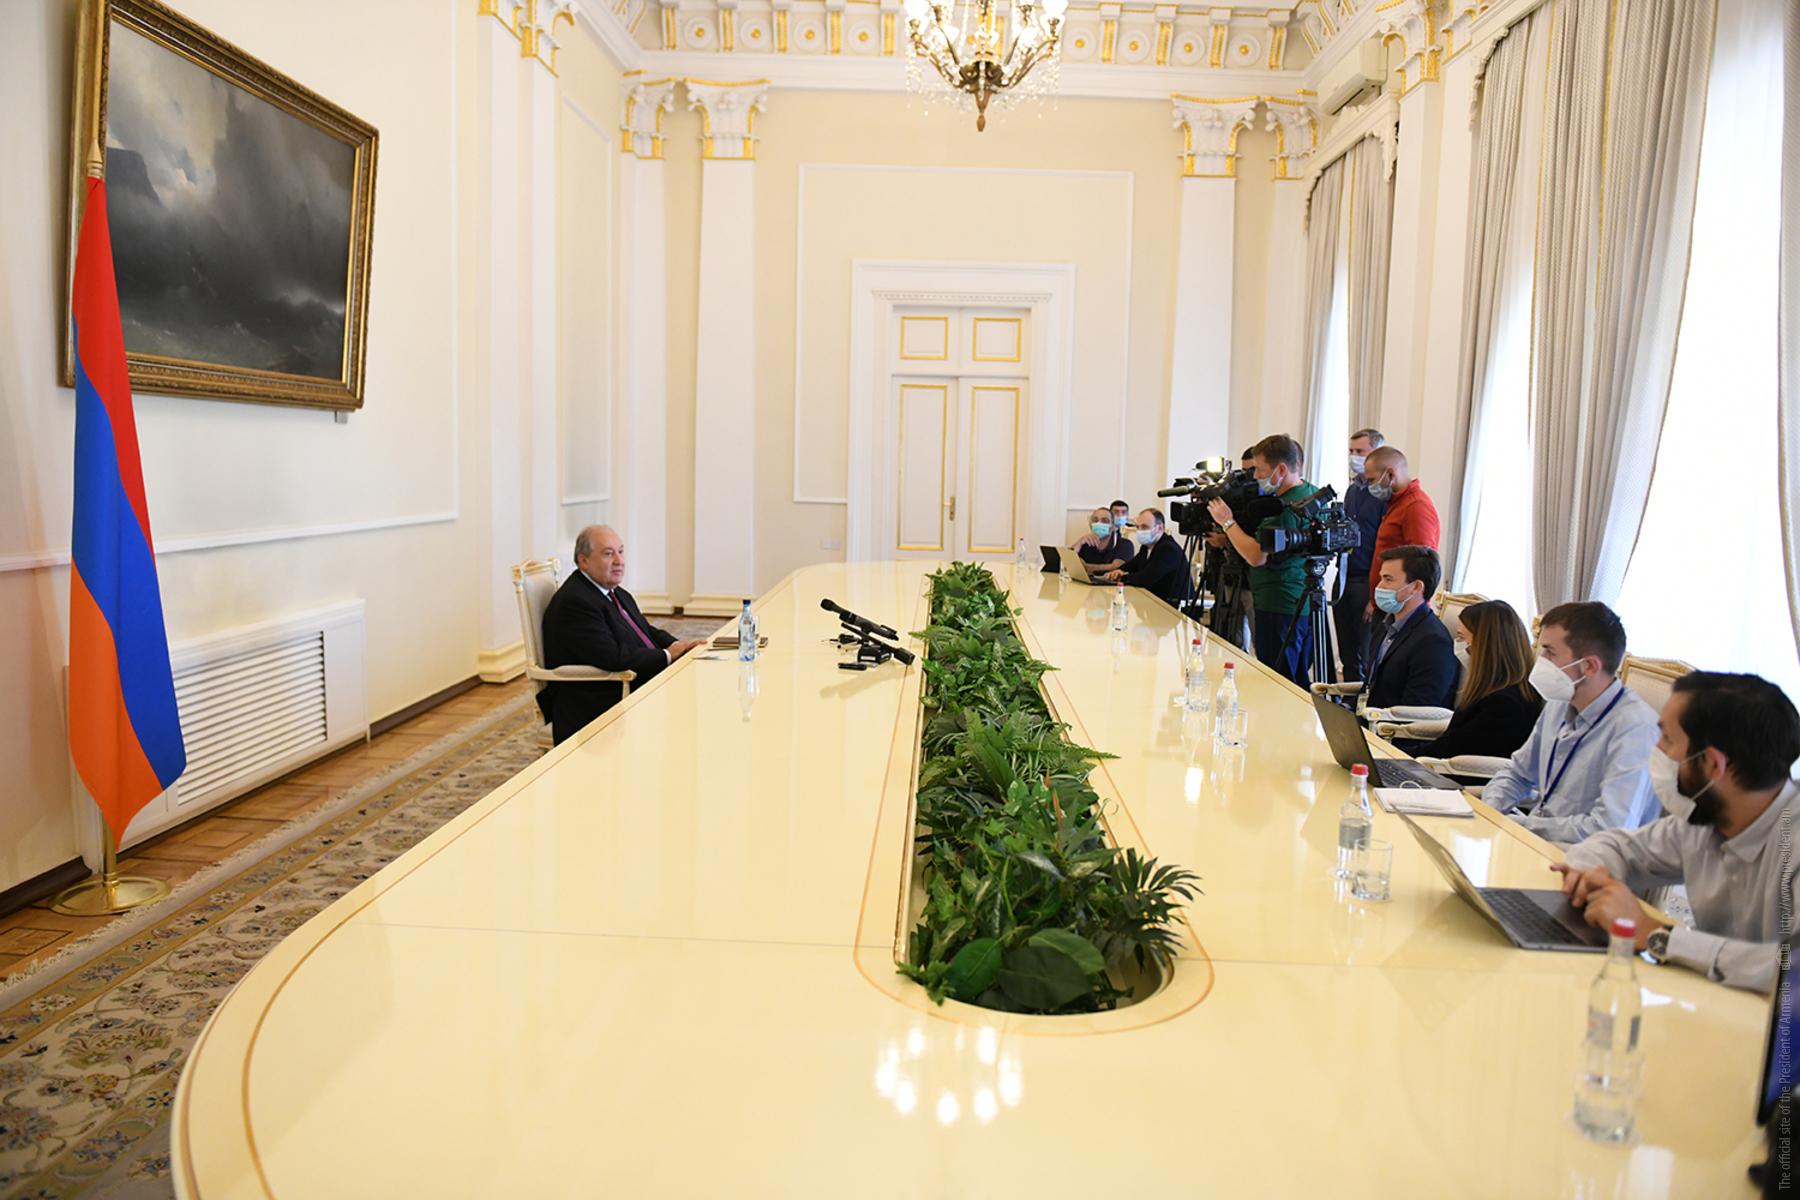 Photo of Ադրբեջանի սկսած պատերազմն էթնիկ զտման նպատակ ունի. նախագահ Արմեն Սարգսյանը հանդիպել է ռուսաստանյան լրատվամիջոցների ներկայացուցիչների հետ